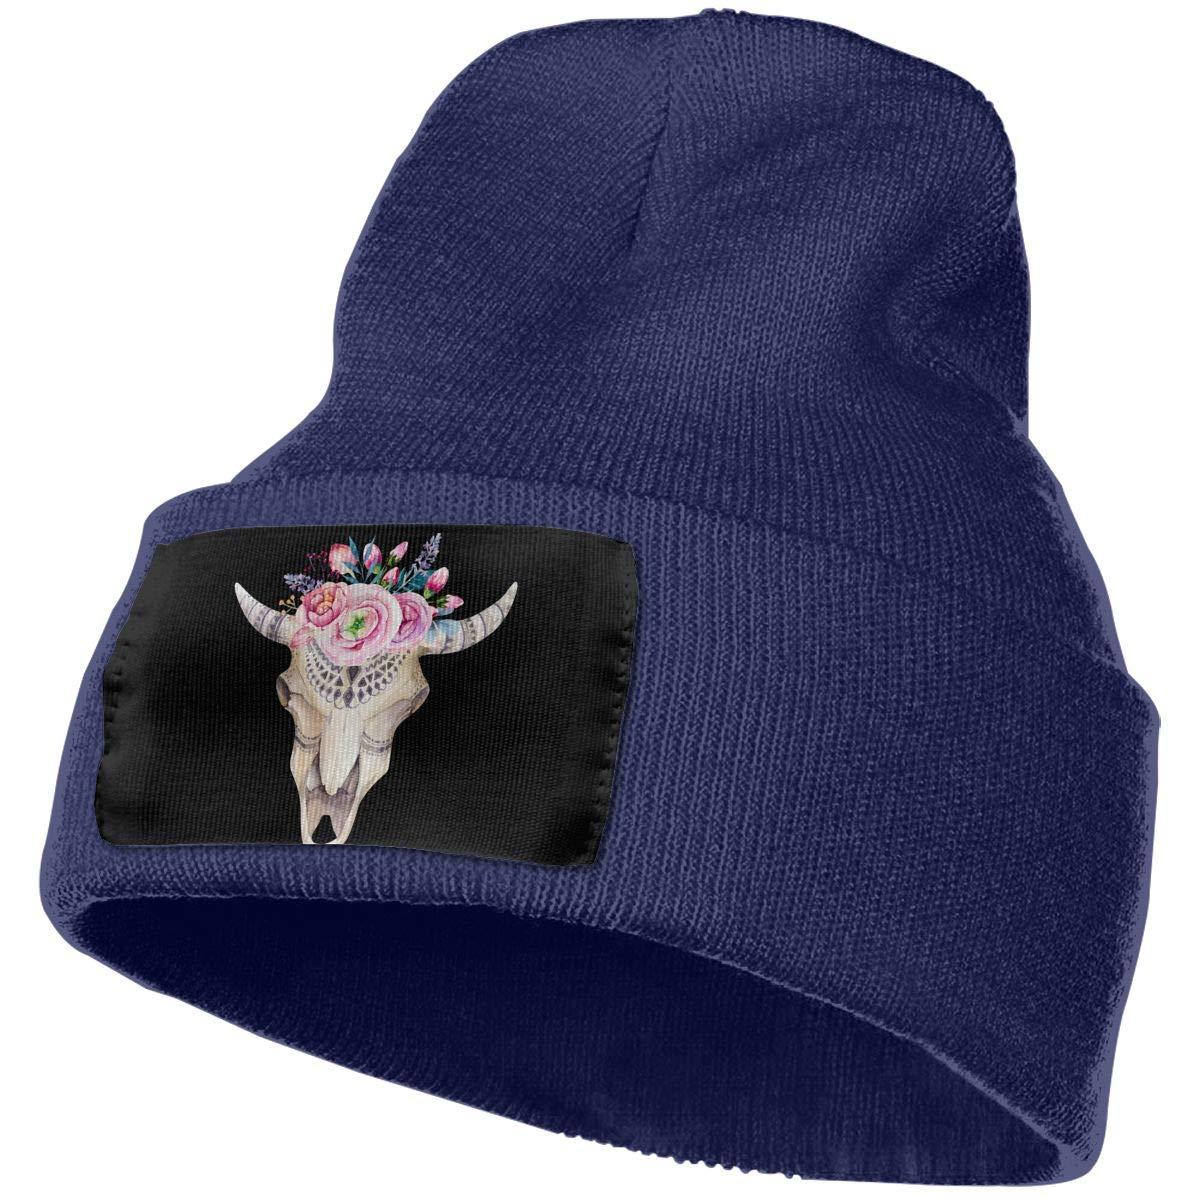 SLADDD1 Bohemian Sheepshead Warm Winter Hat Knit Beanie Skull Cap Cuff Beanie Hat Winter Hats for Men /& Women